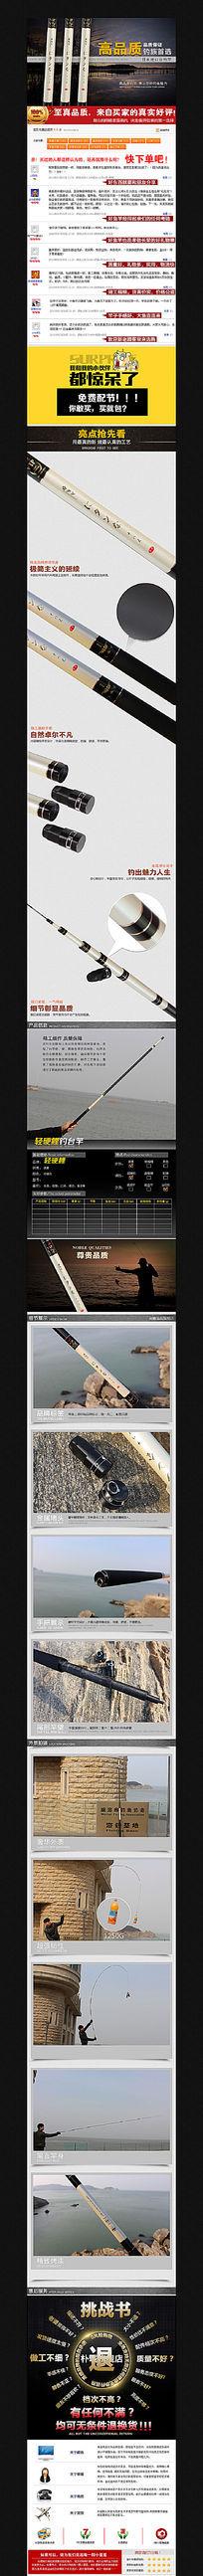 淘宝钓鱼竿详情描述模板